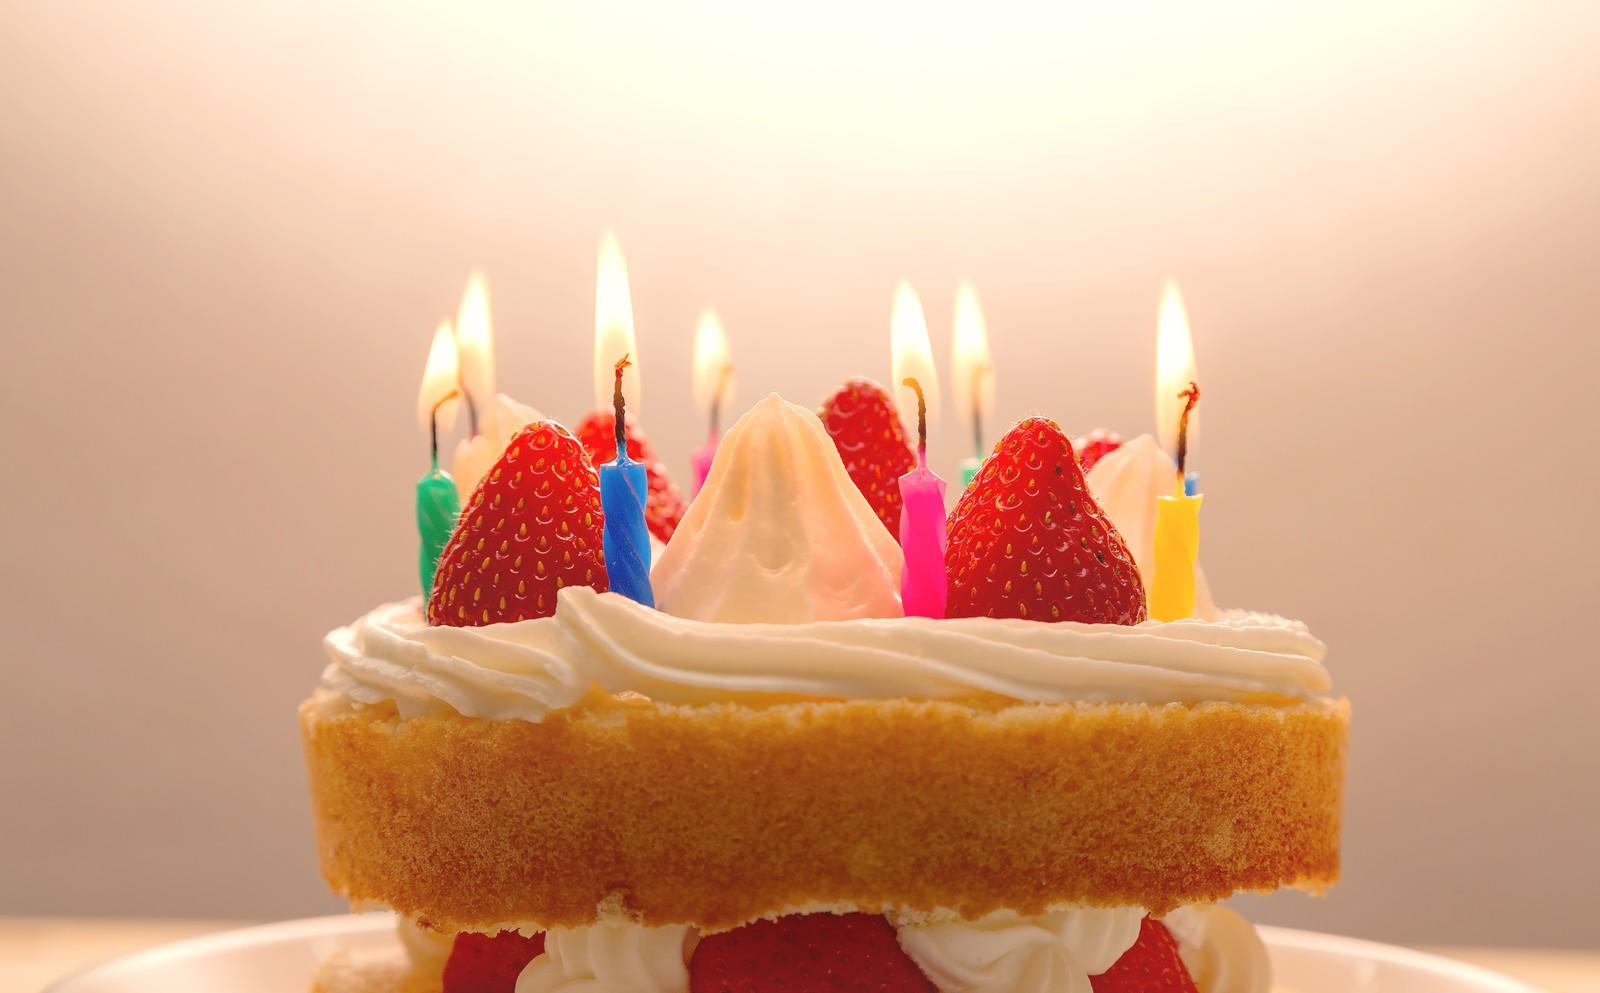 彩浜の誕生日プレゼントの画像と動画を紹介!